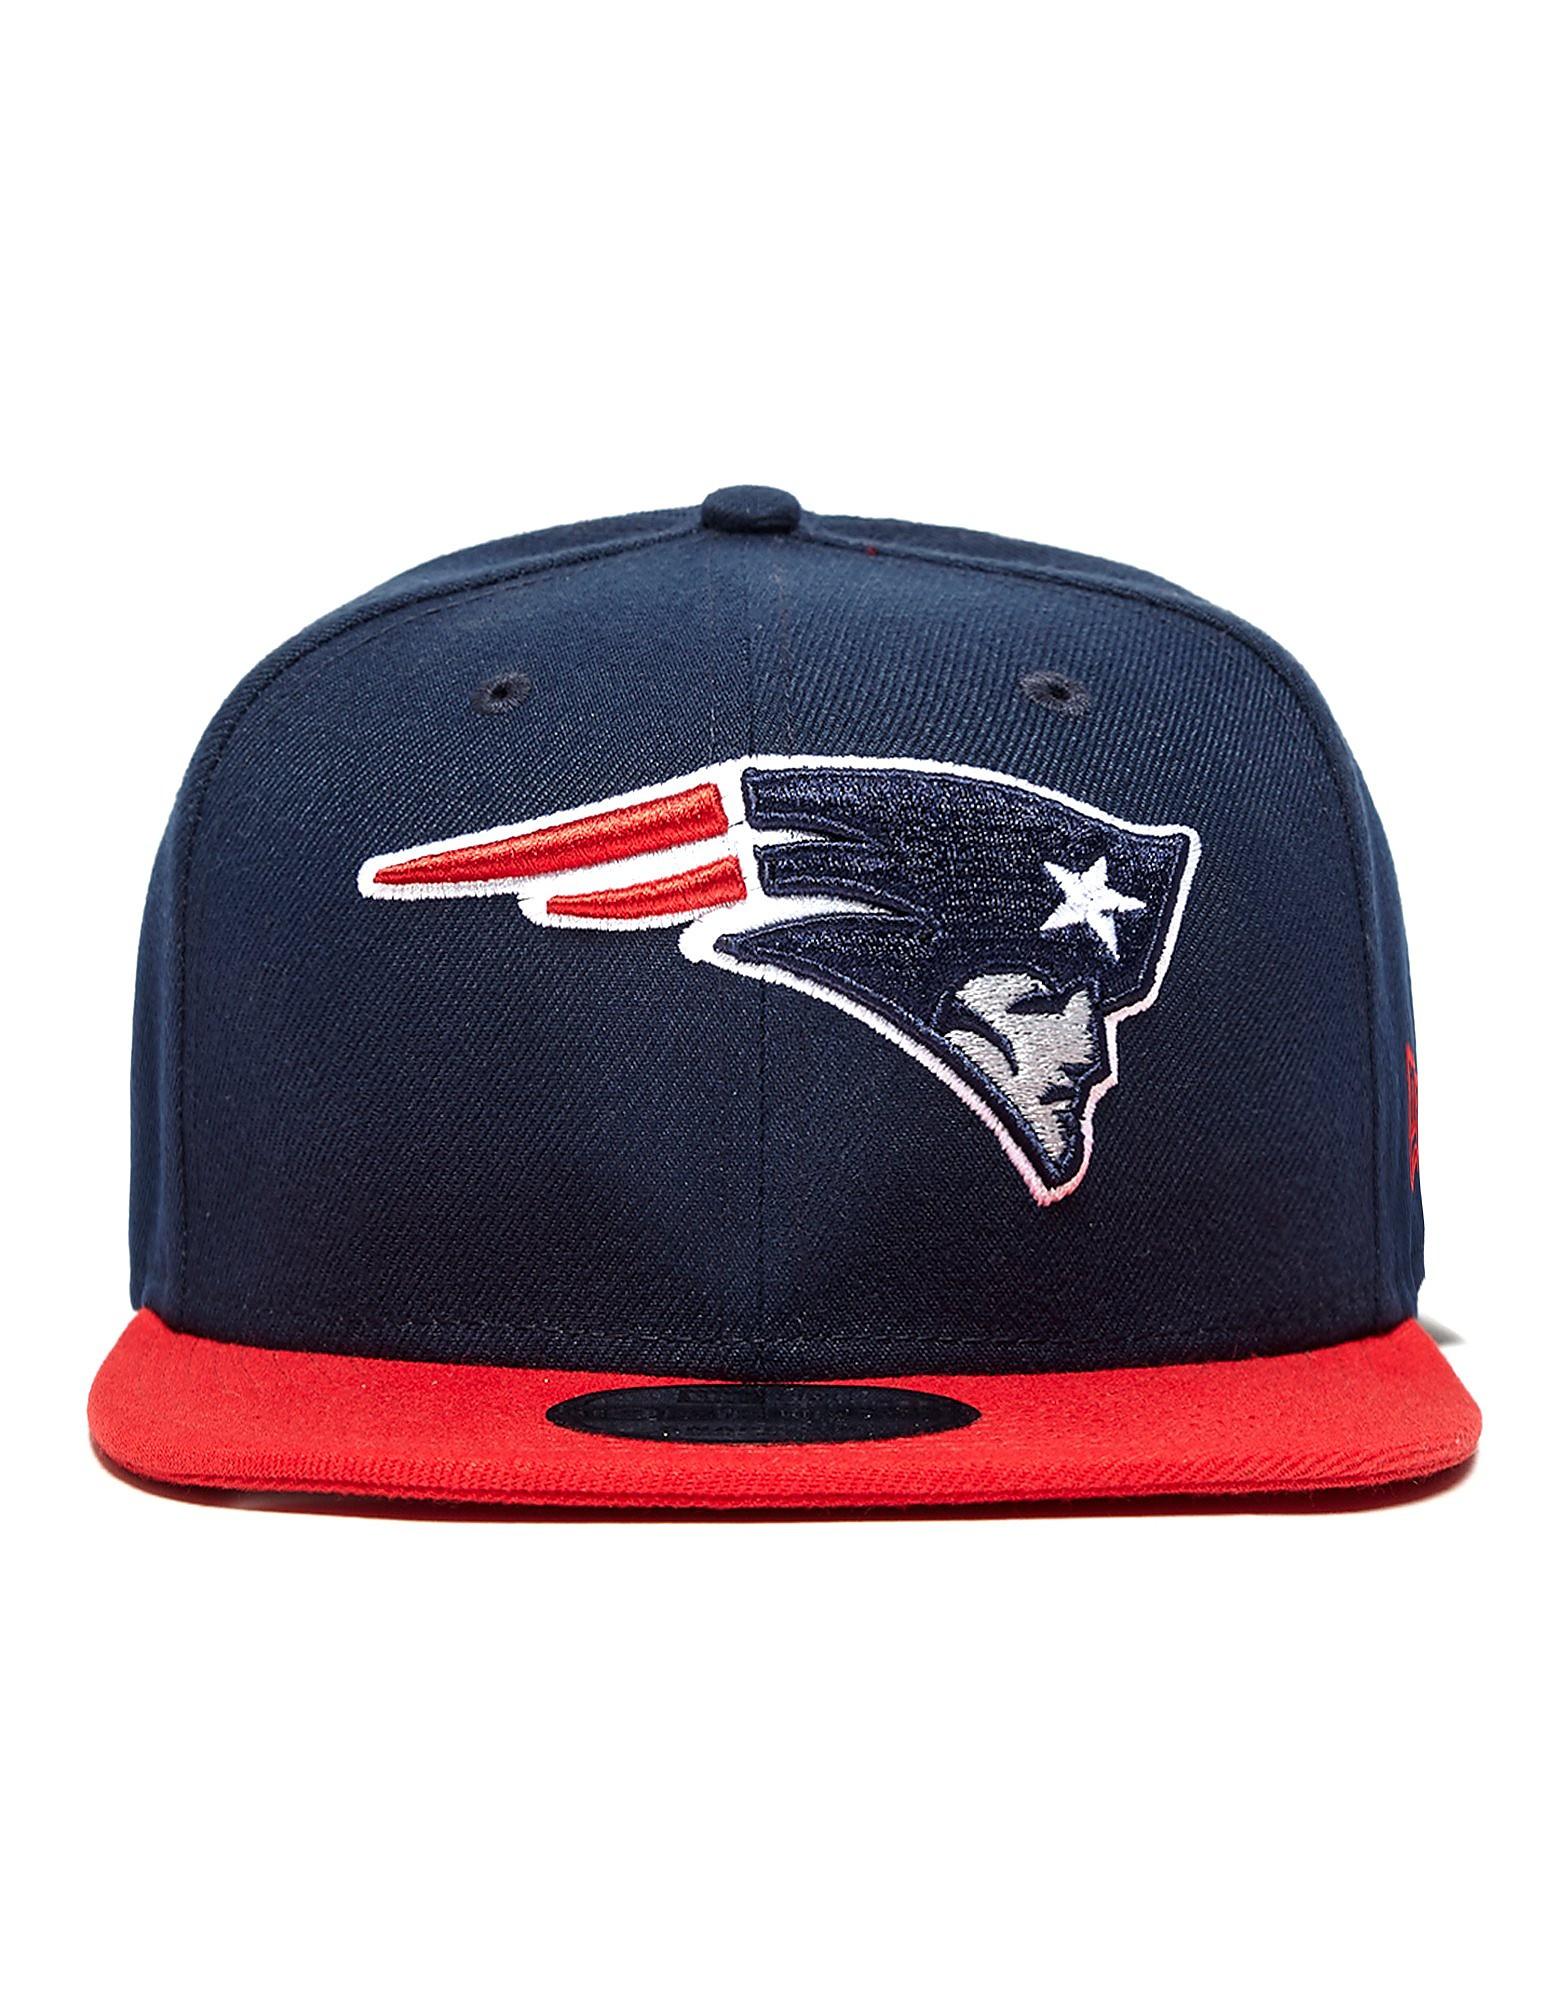 New Era New England Patriots 9FIFTY Cap